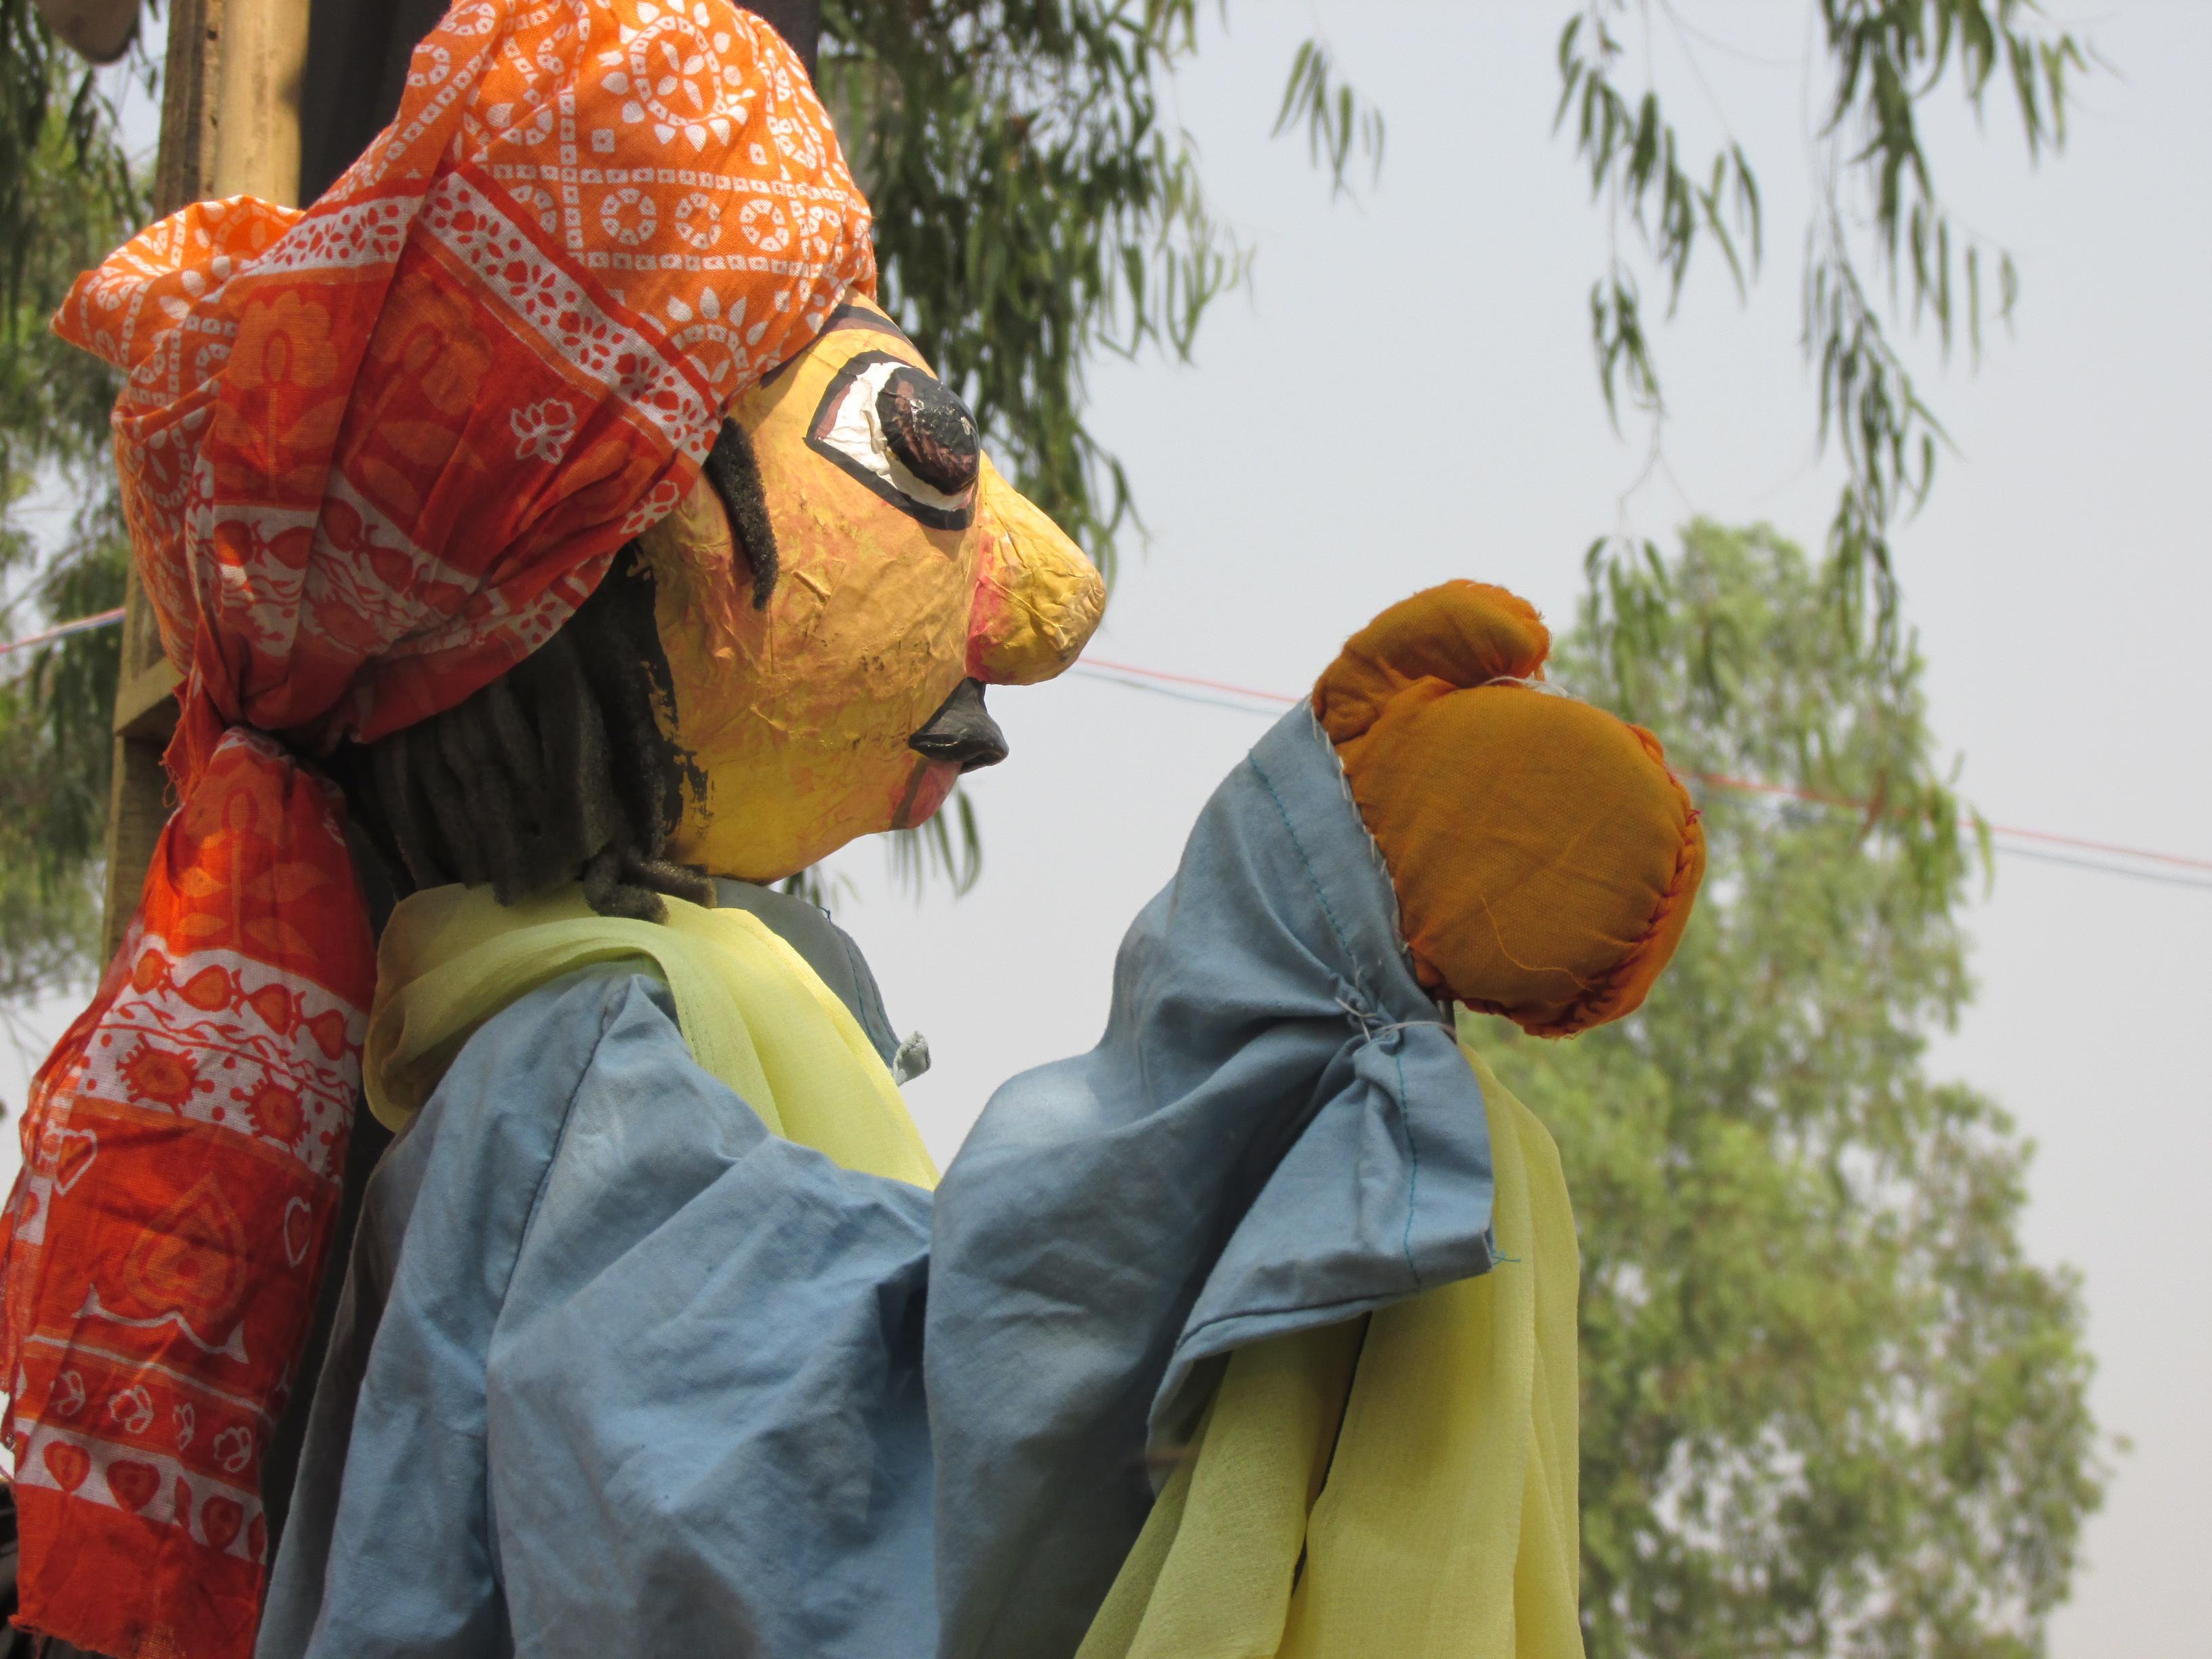 Marionnette à tiges de Burdwan the Pupeteers (Bardhaman, Bengale occidental) mis en scène par Partha Pratim Paul